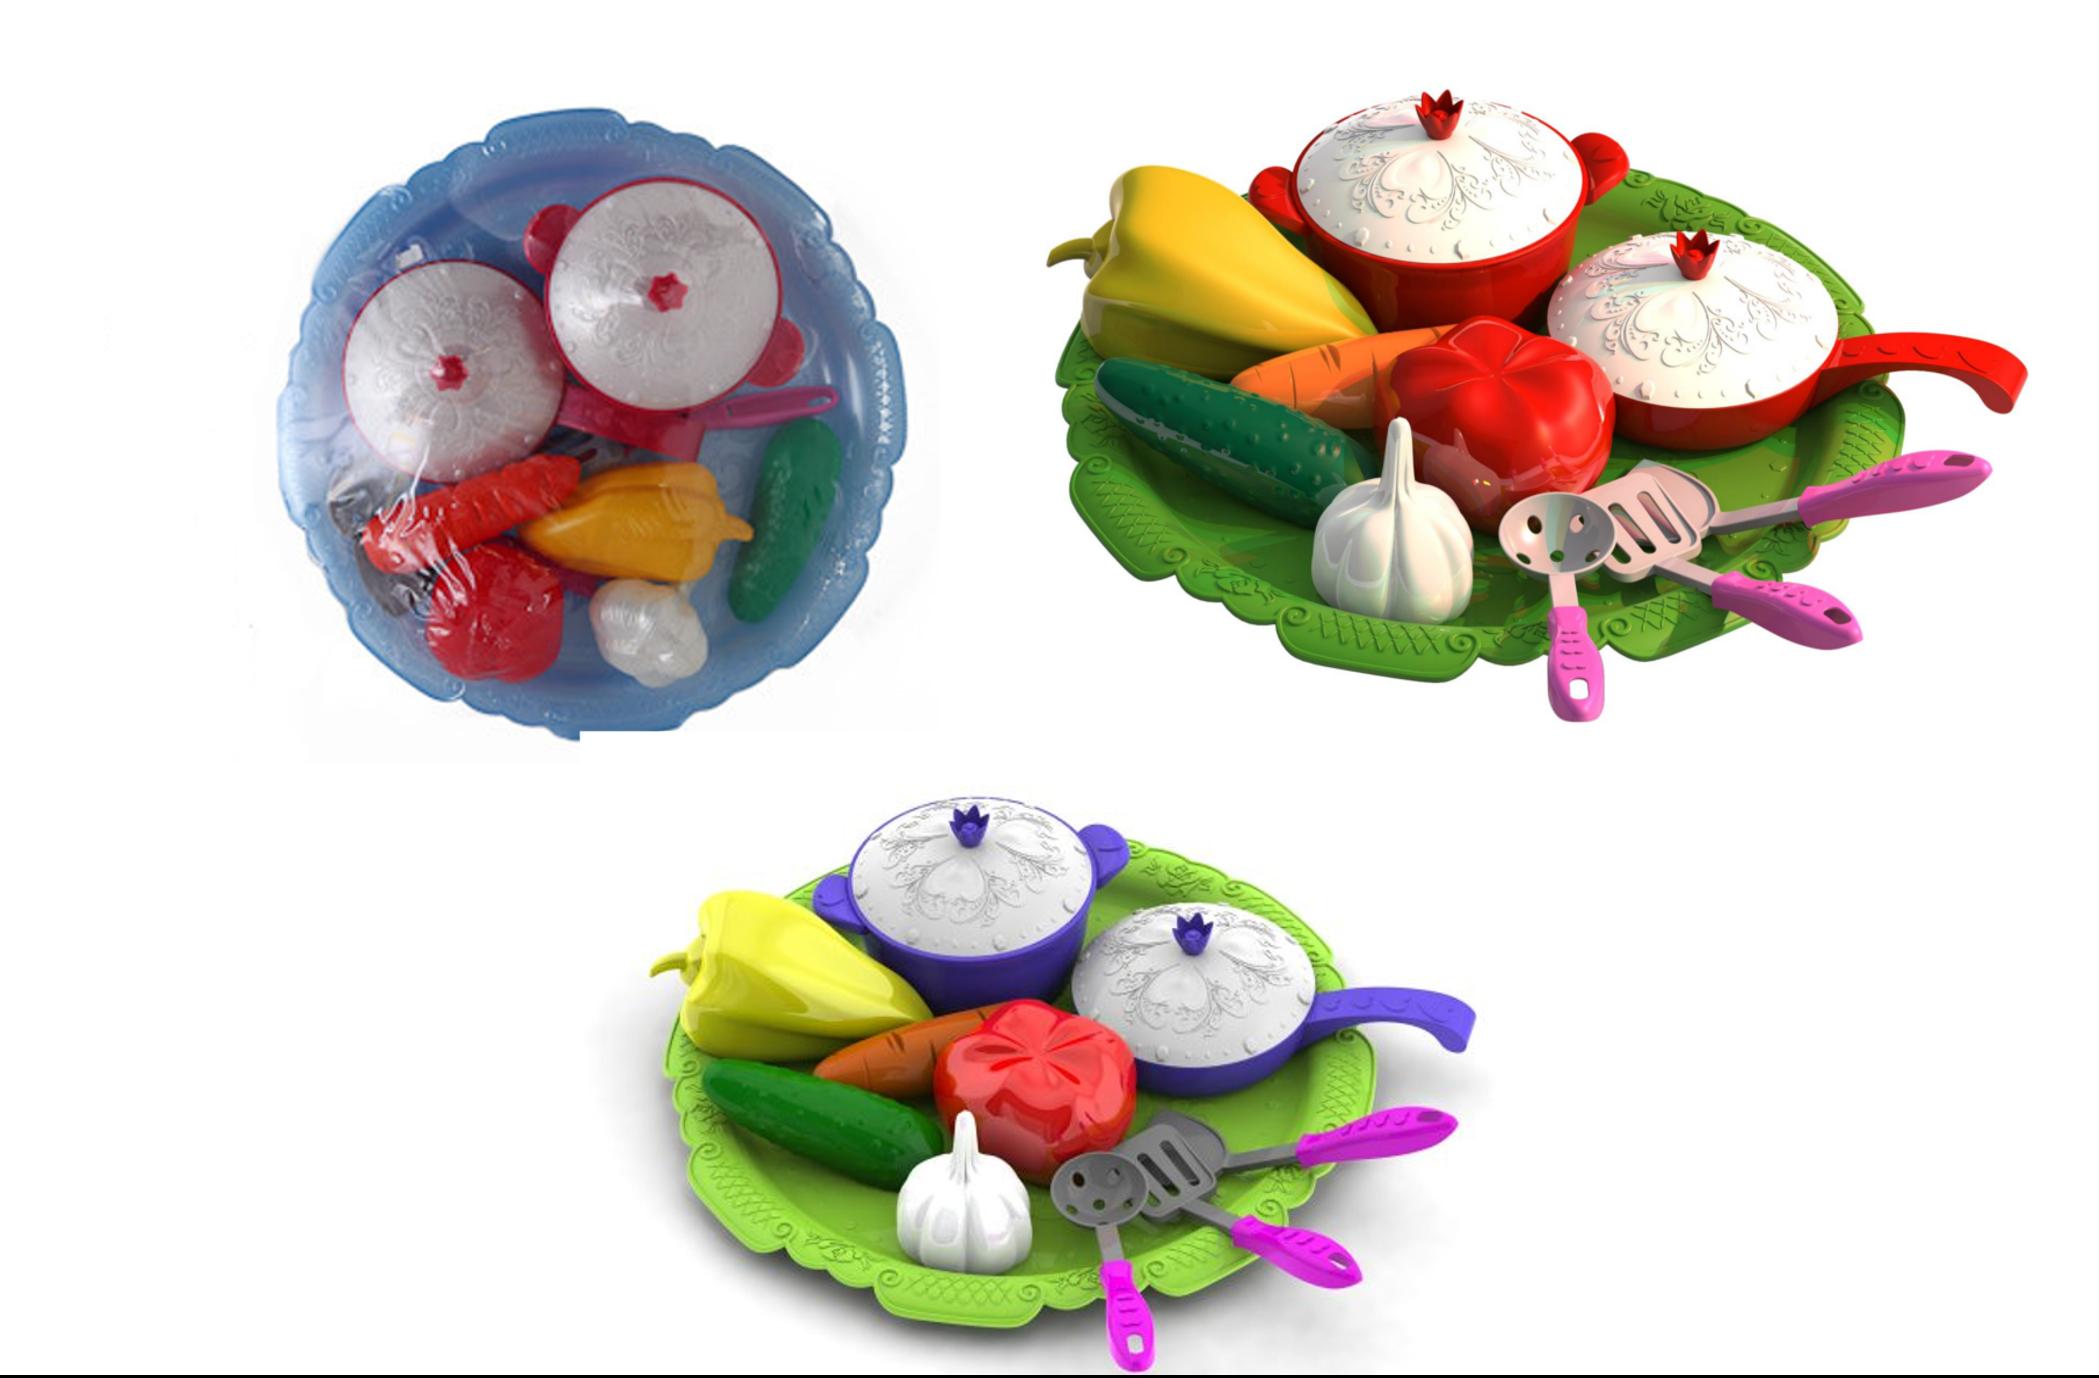 Игровой набор овощей и кухонной посуды «Волшебная Хозяюшка», 12 предметов на подносеАксессуары и техника для детской кухни<br>Игровой набор овощей и кухонной посуды «Волшебная Хозяюшка», 12 предметов на подносе<br>